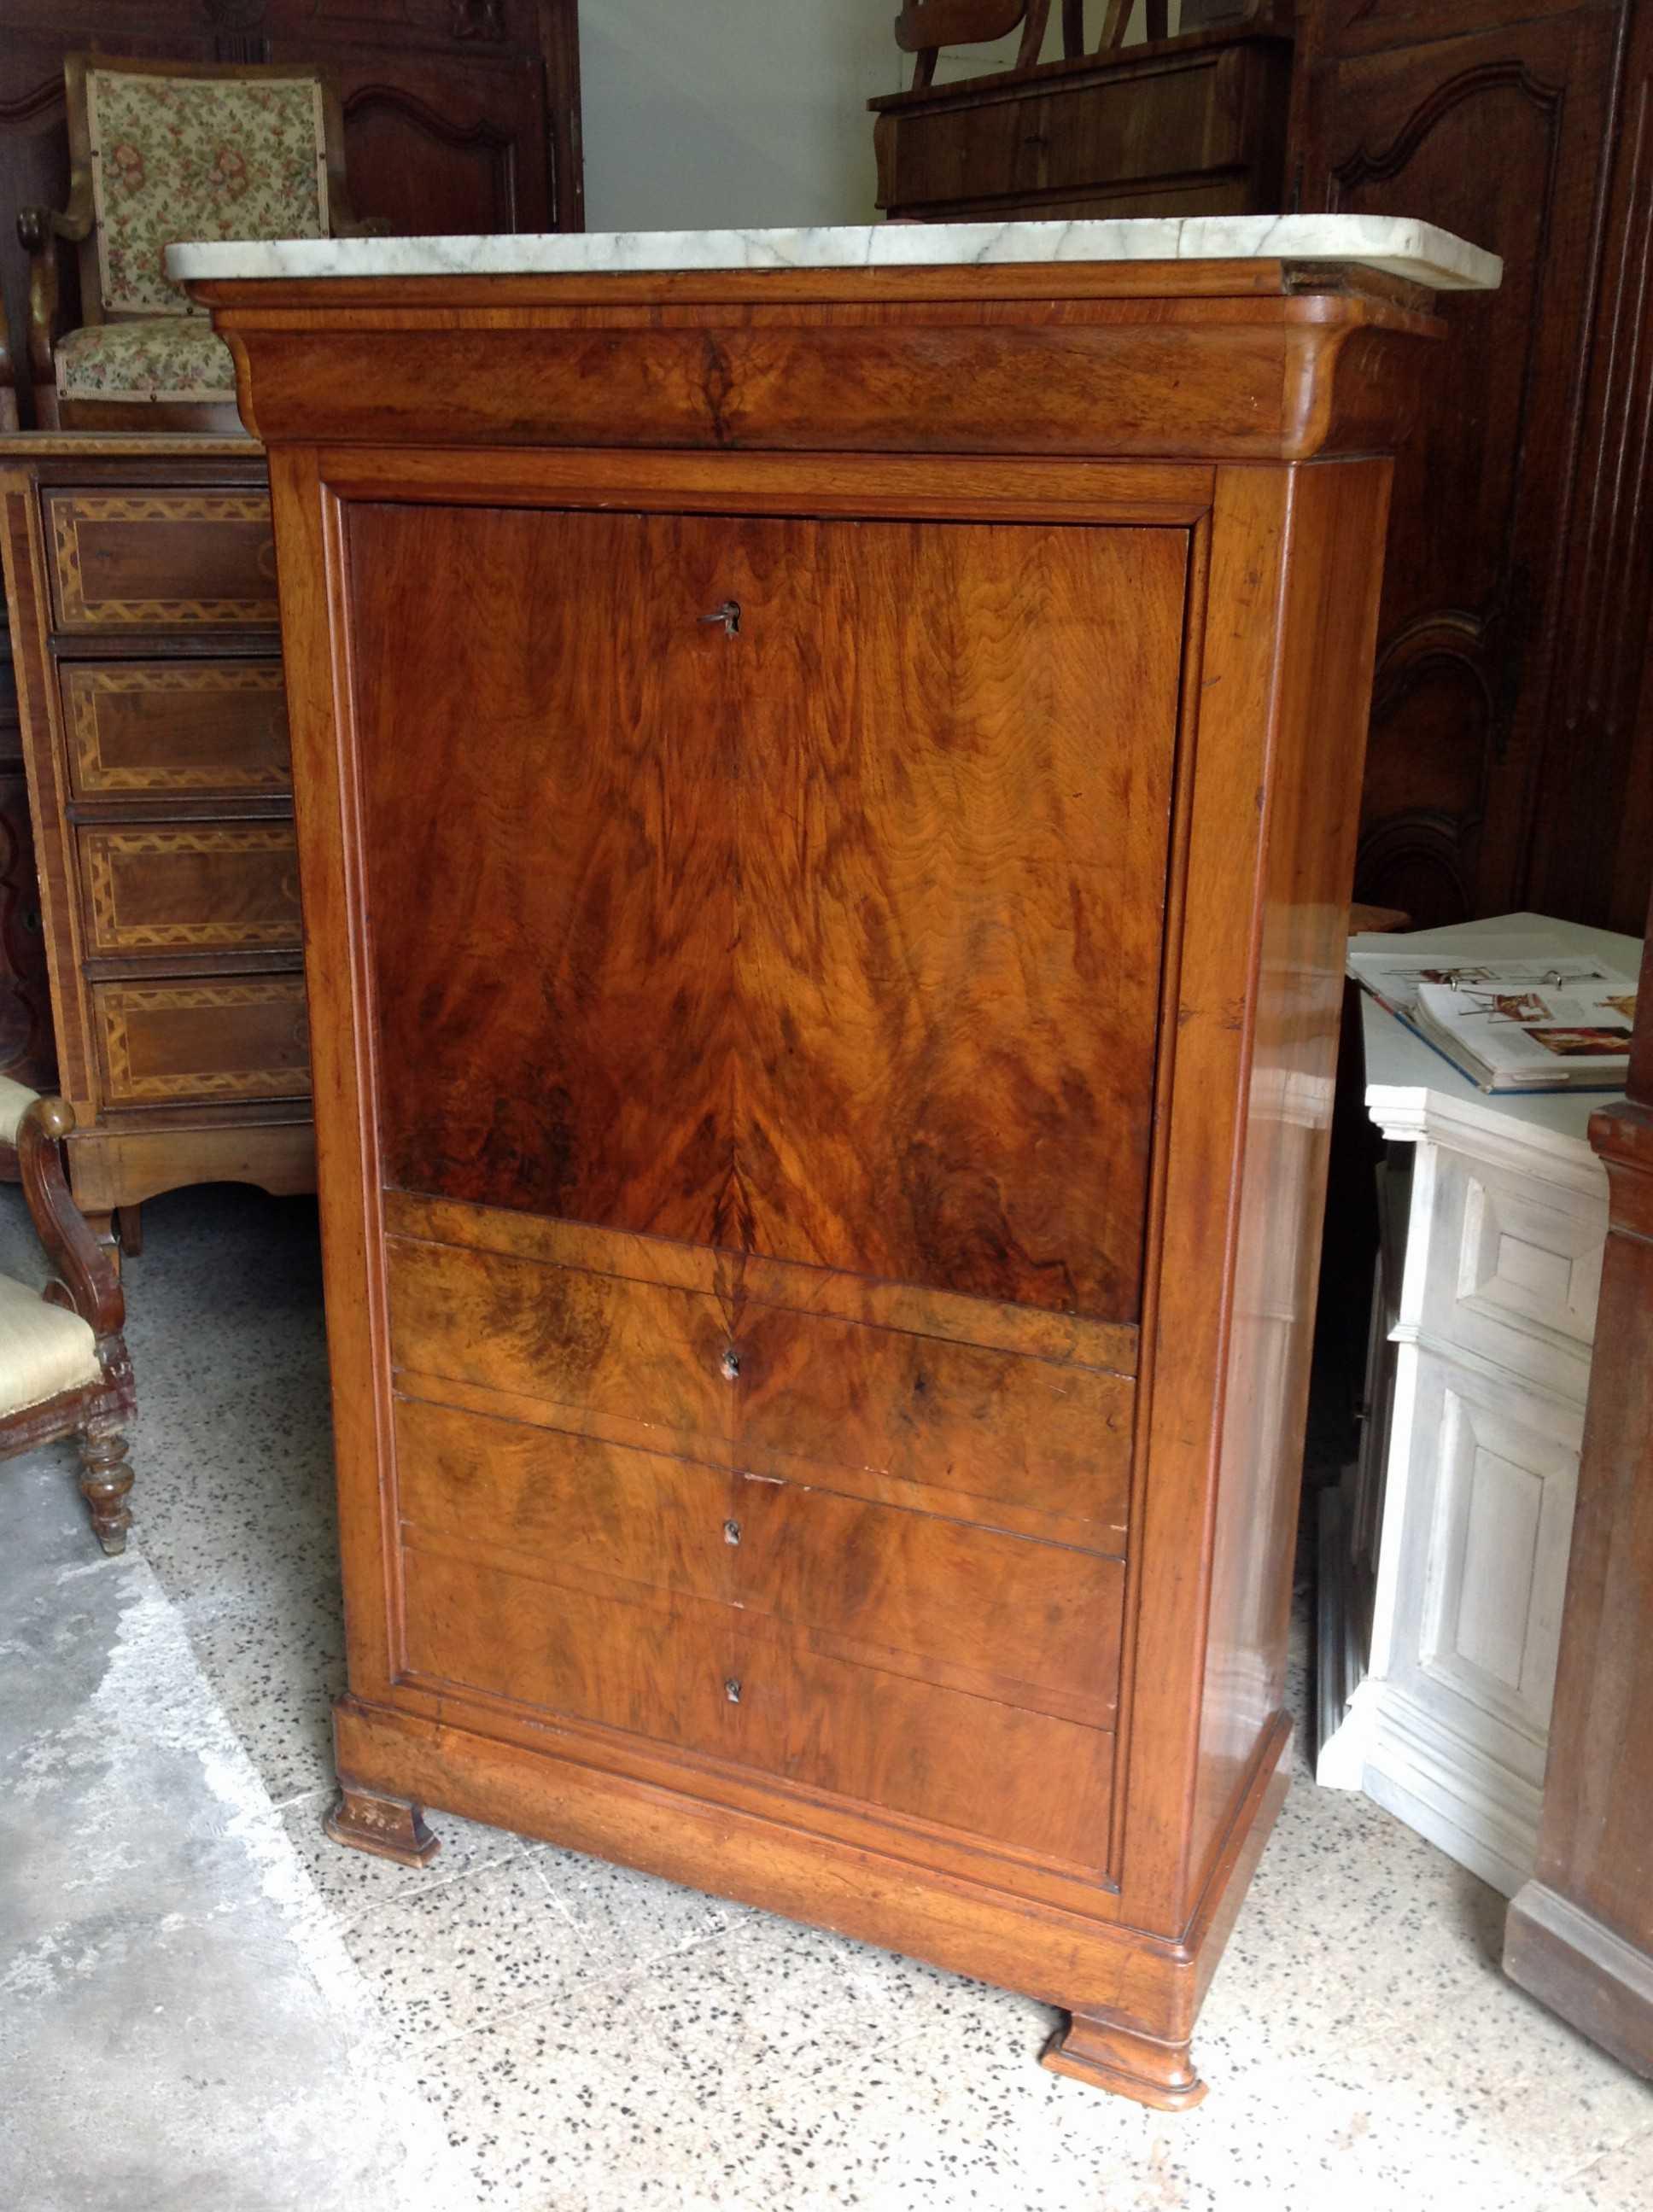 Secretaire cappuccino arredamento mobili antiquariato - Impiallacciatura mobili ...